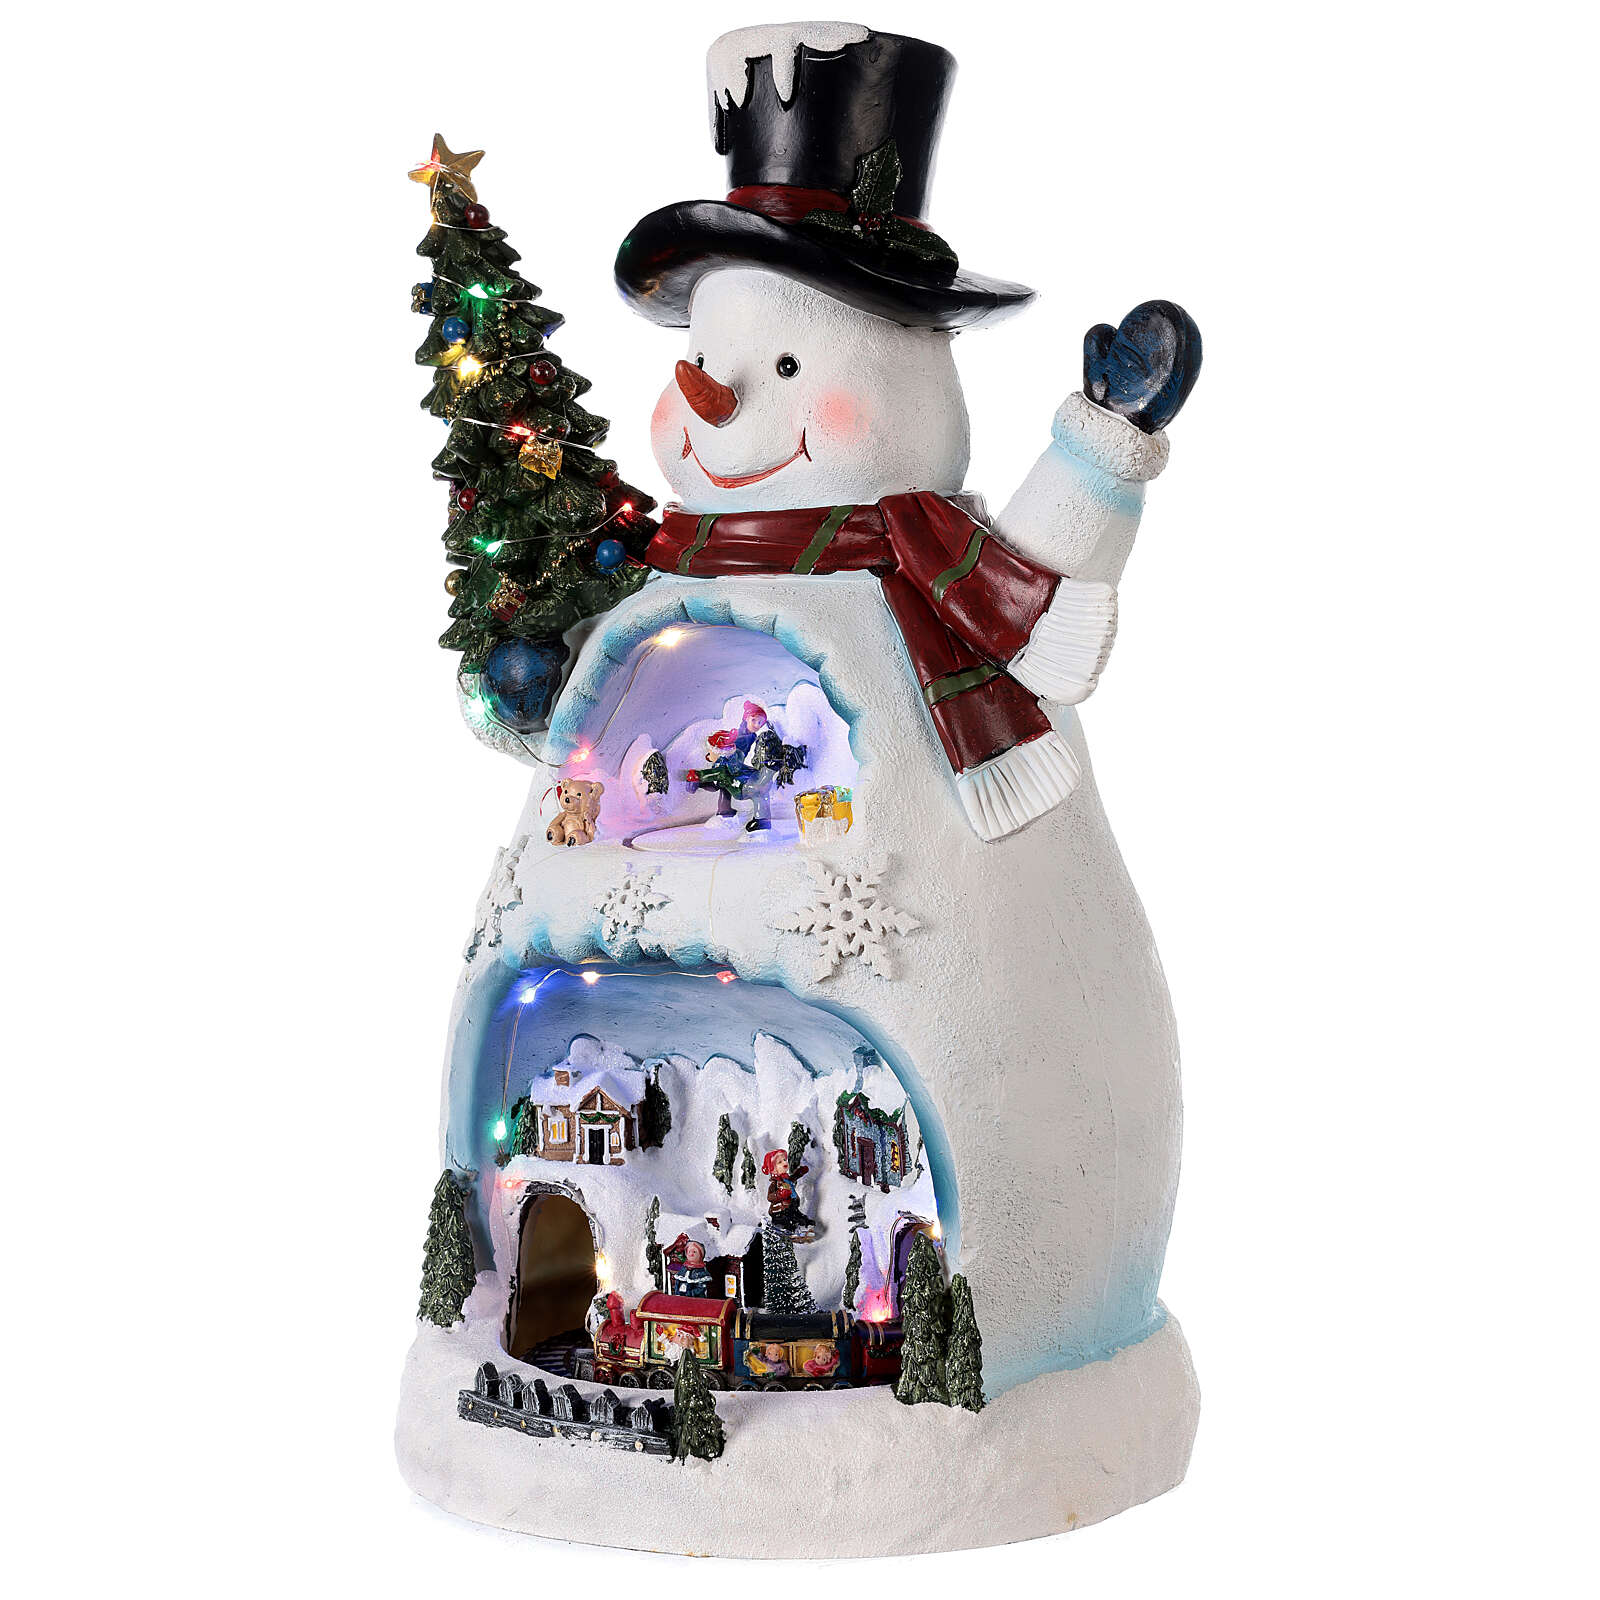 Bonhomme de neige Noël piste patinage et train 45x20x25 cm 3